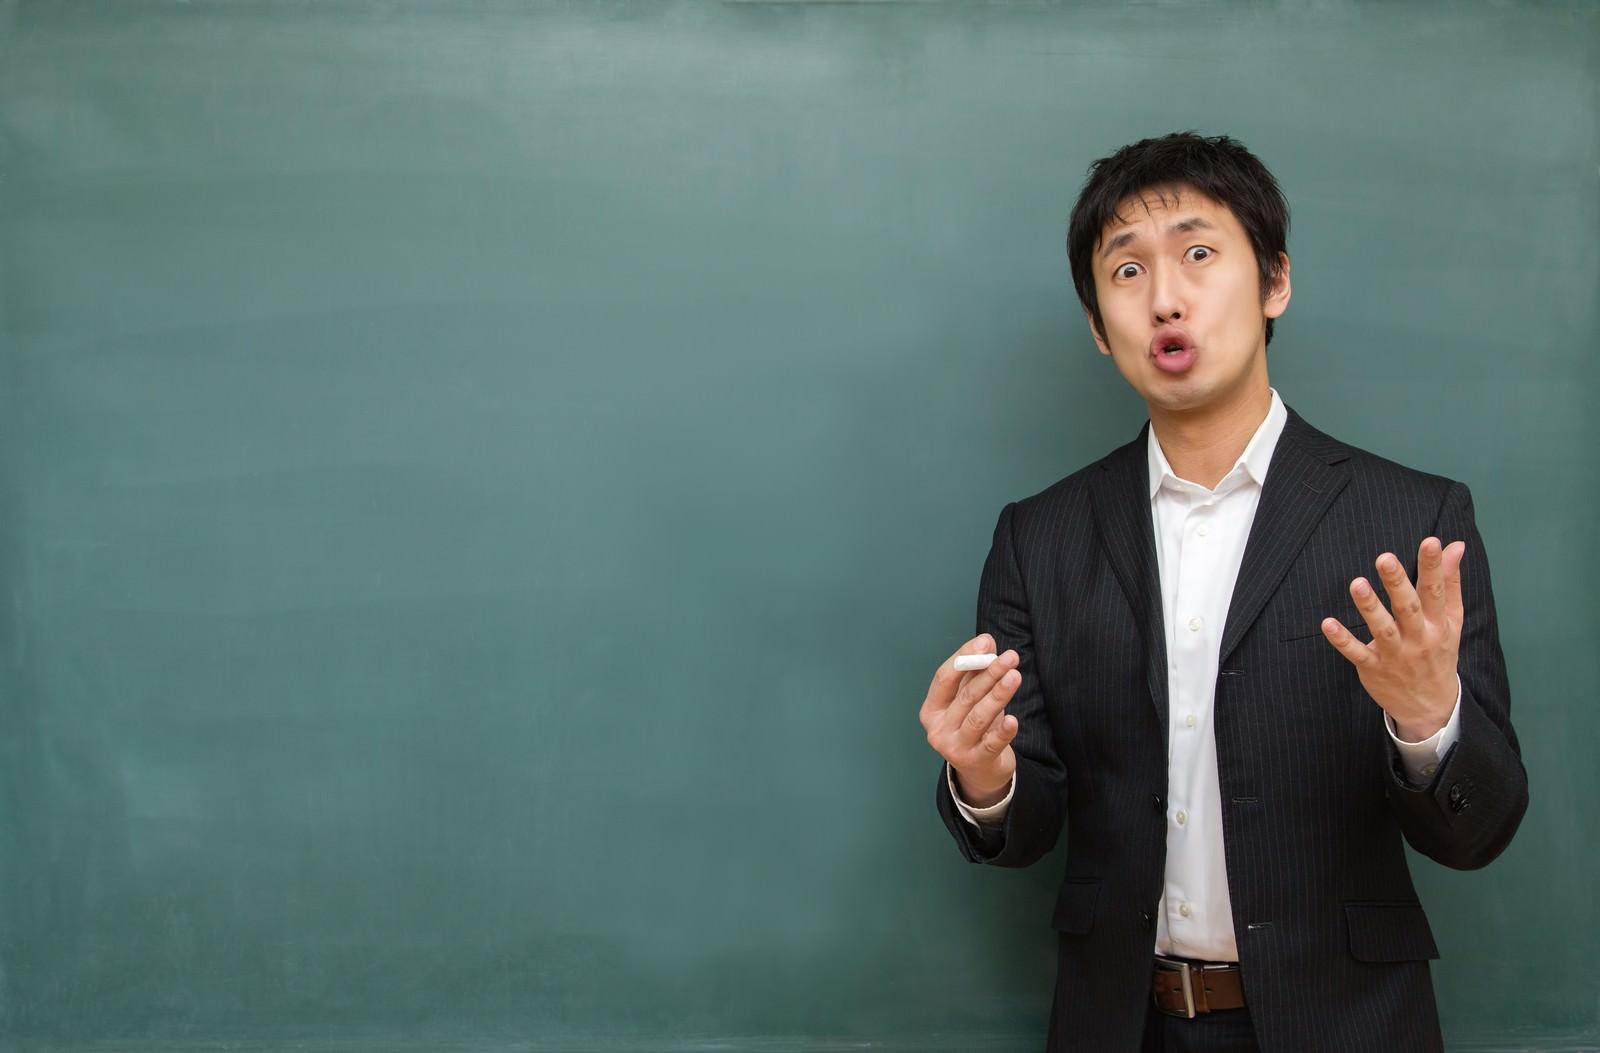 「試験に向けて熱く答弁する塾講師試験に向けて熱く答弁する塾講師」[モデル:大川竜弥]のフリー写真素材を拡大